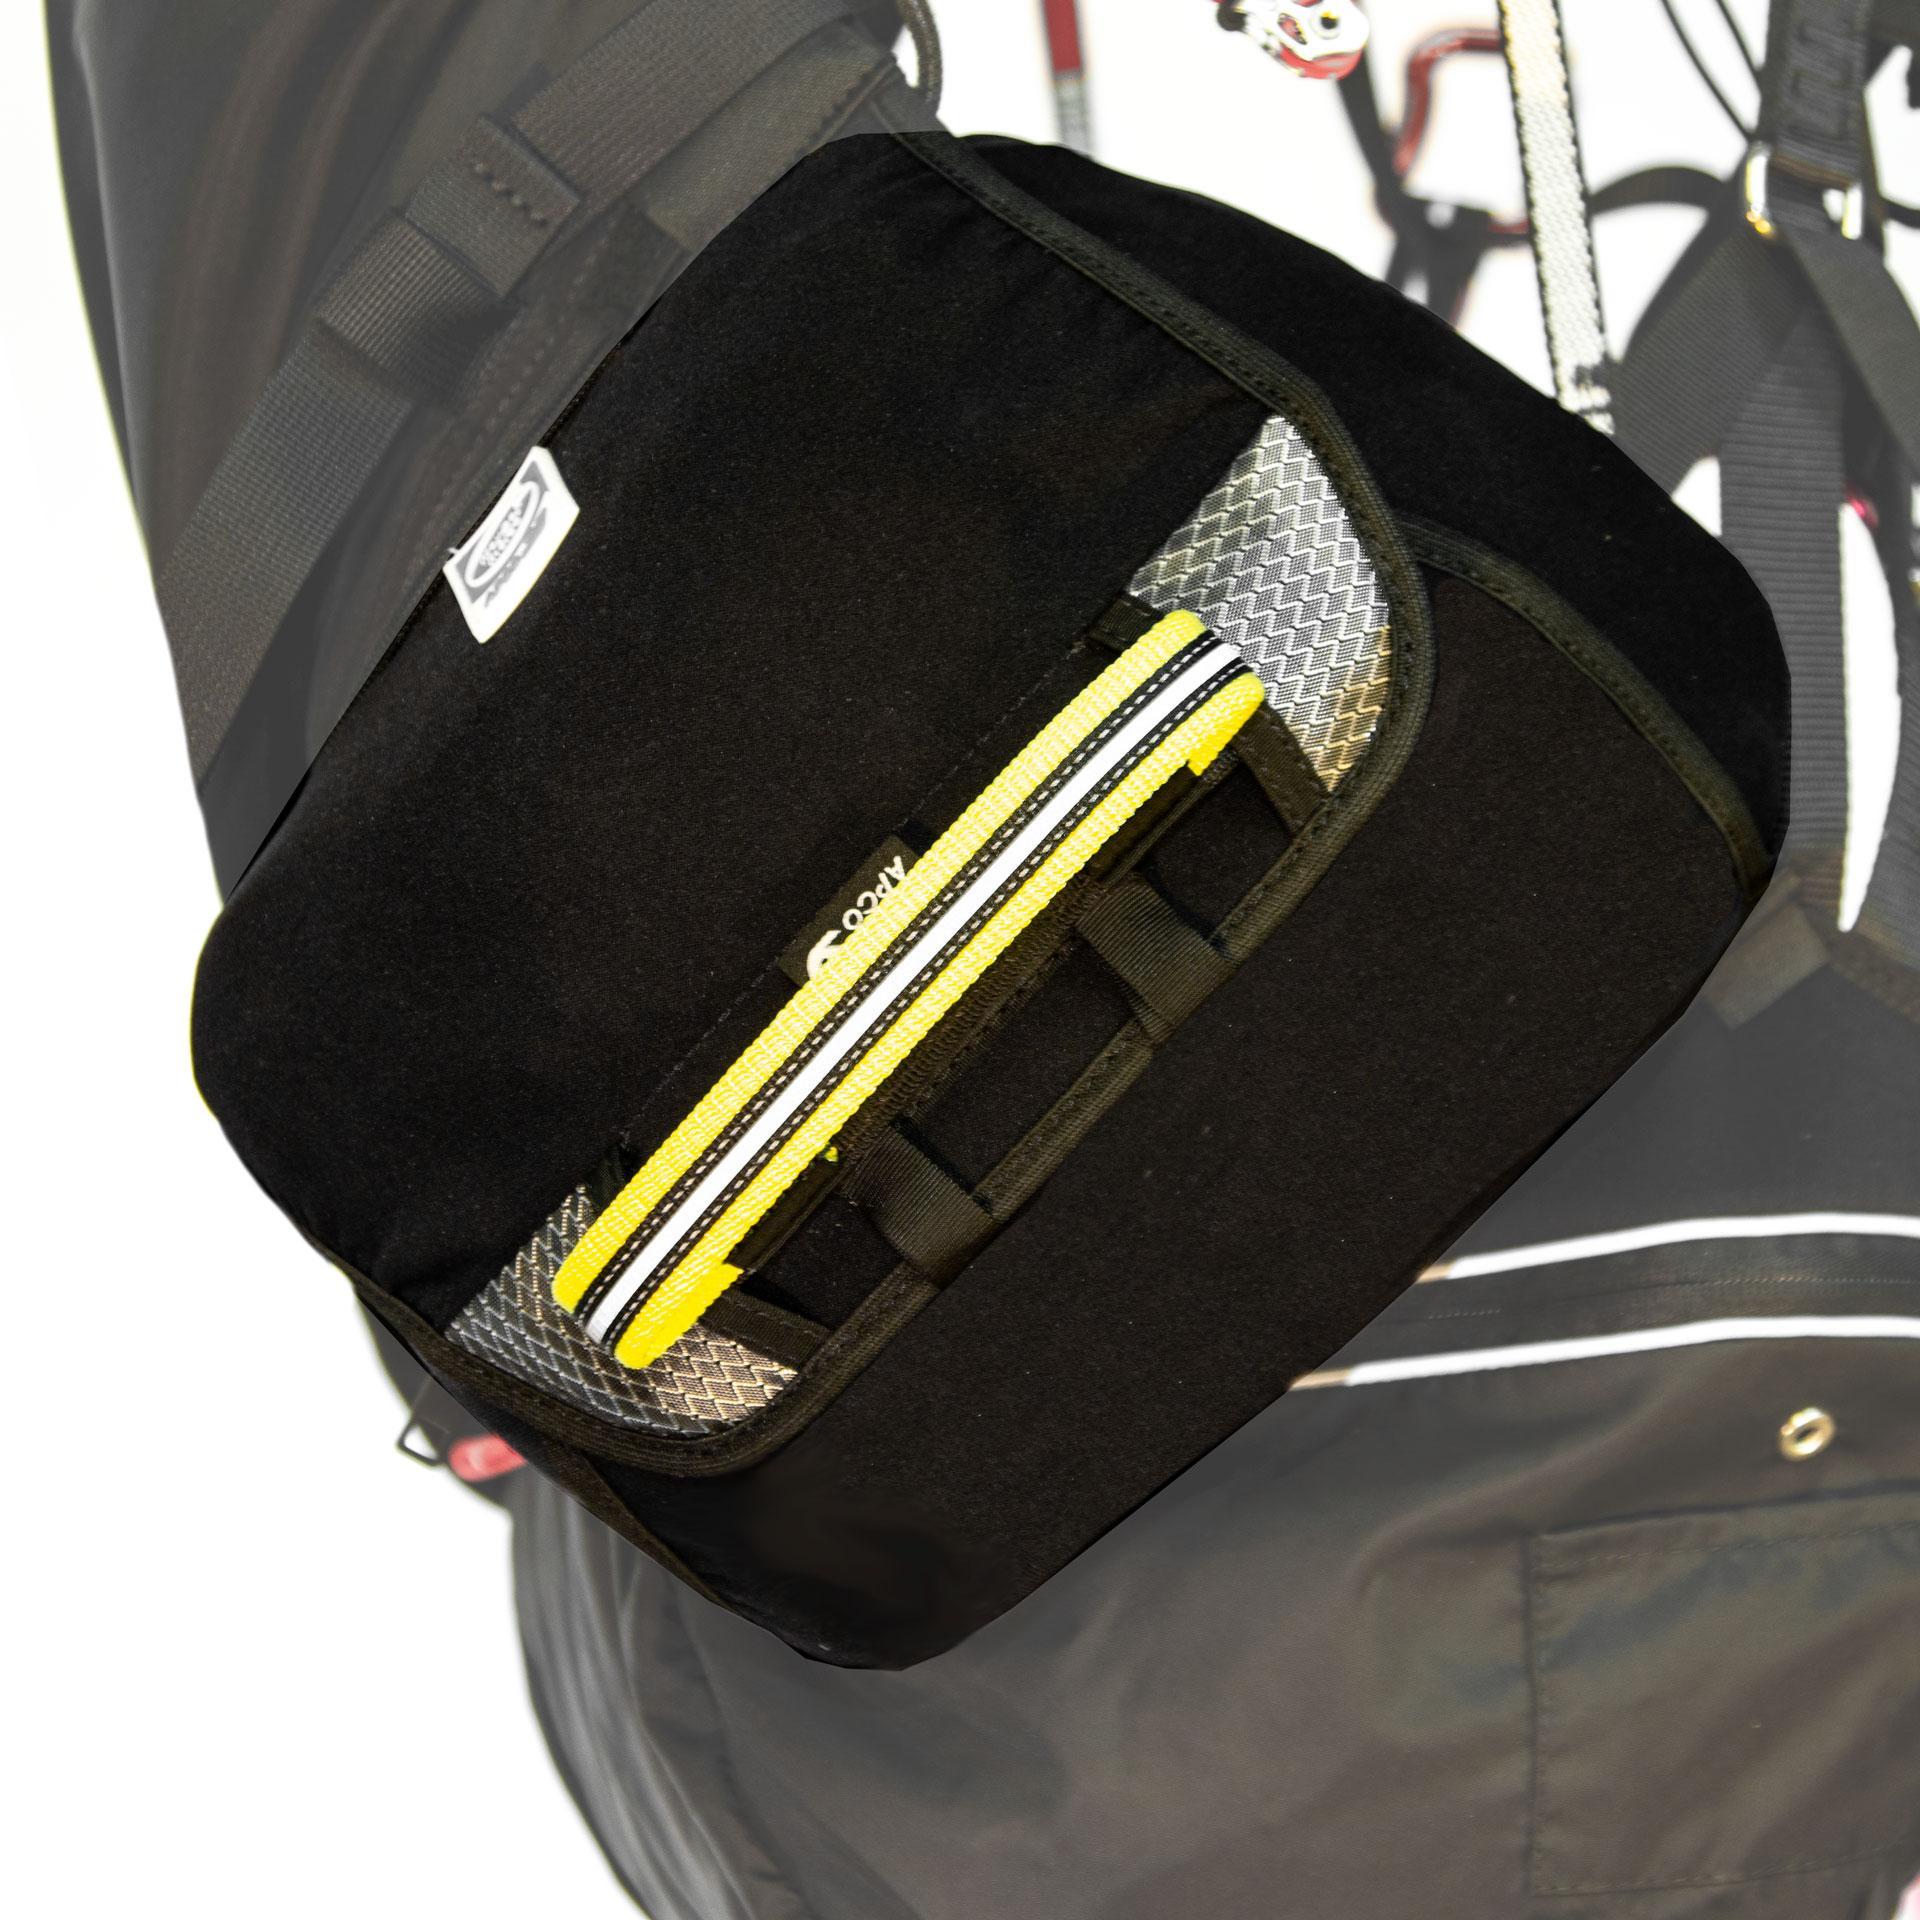 Contenedor de reserva intercambiable con cremallera / bolsillos laterales